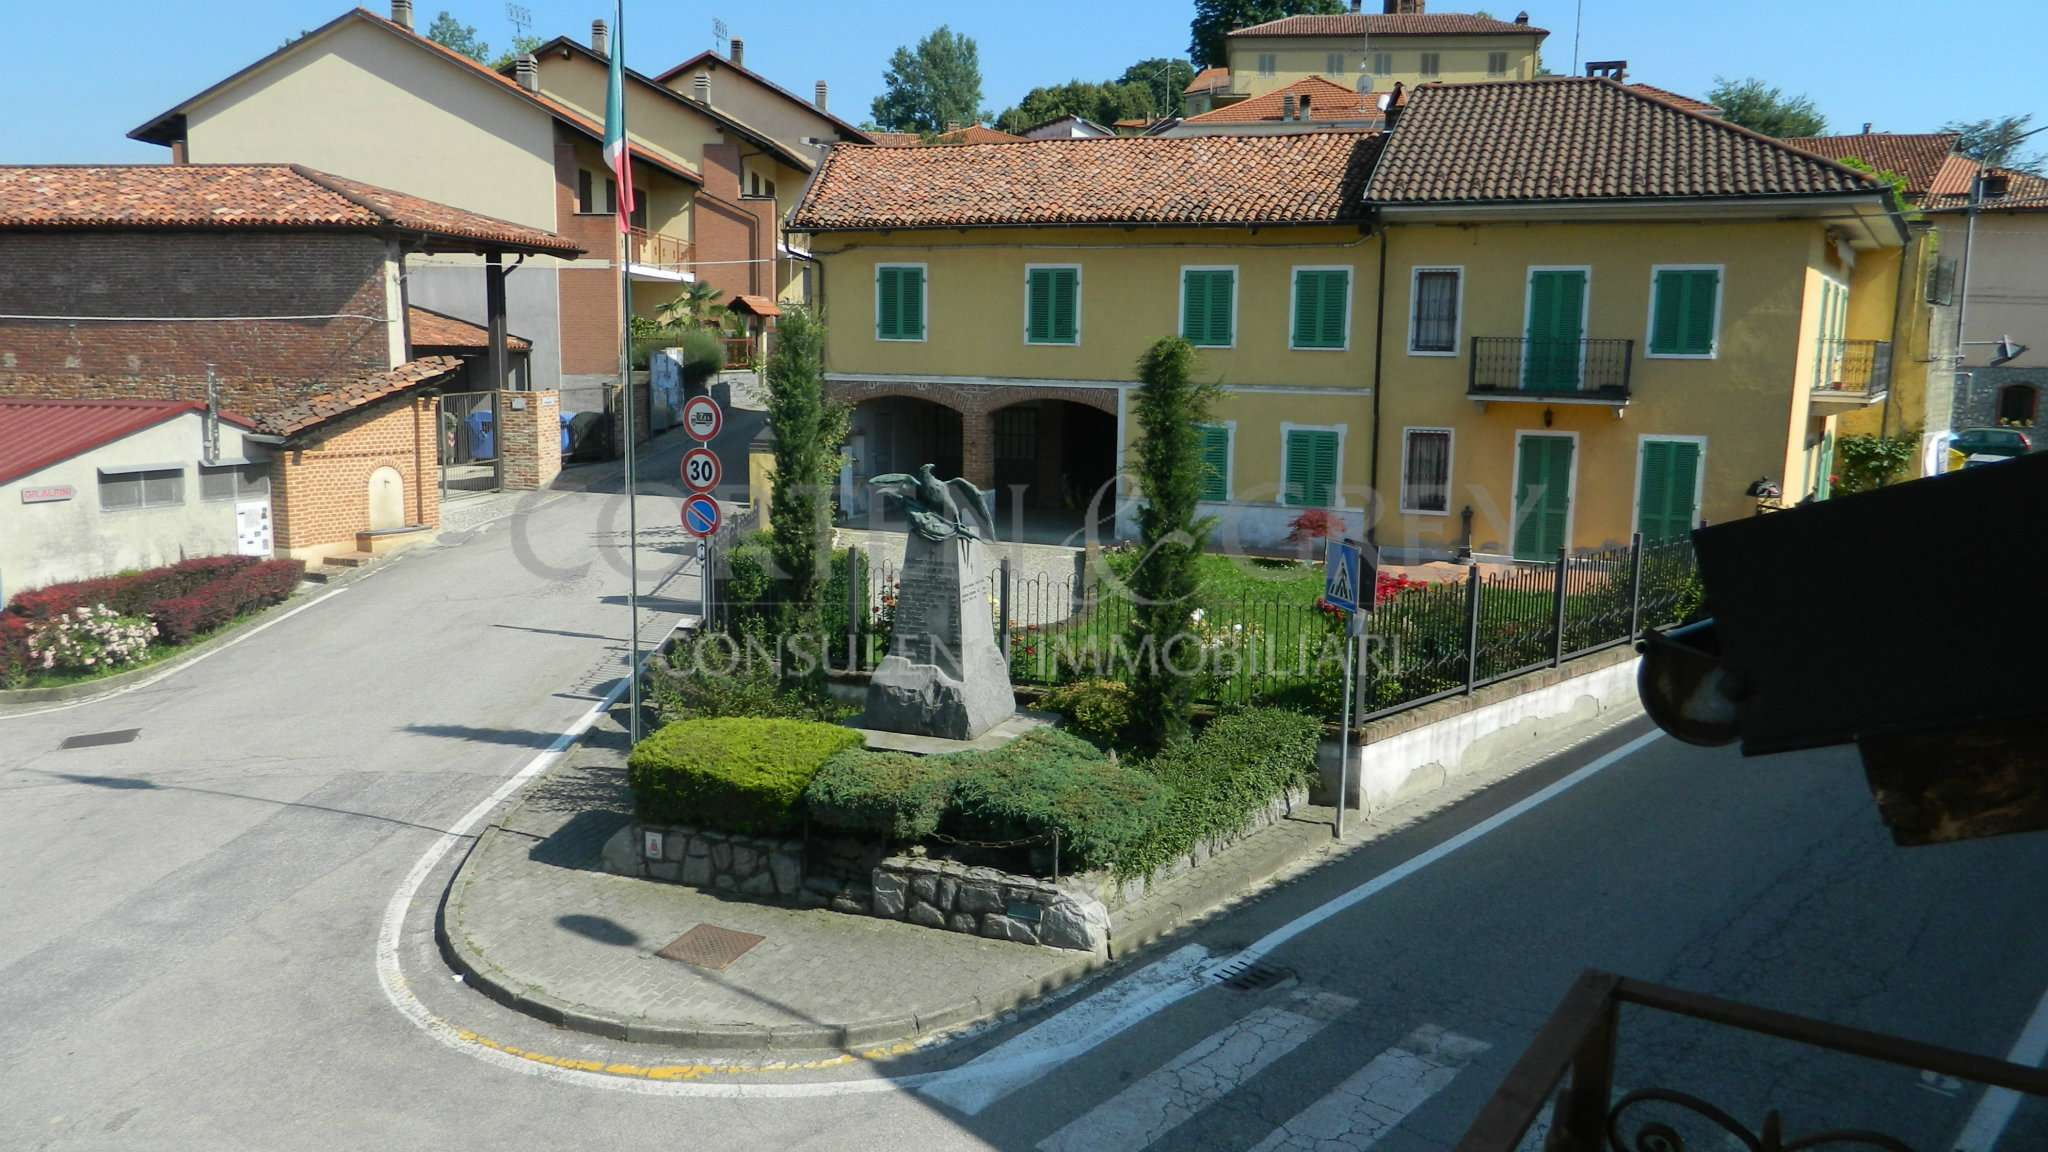 Soluzione Semindipendente in vendita a Berzano di San Pietro, 8 locali, prezzo € 105.000 | PortaleAgenzieImmobiliari.it